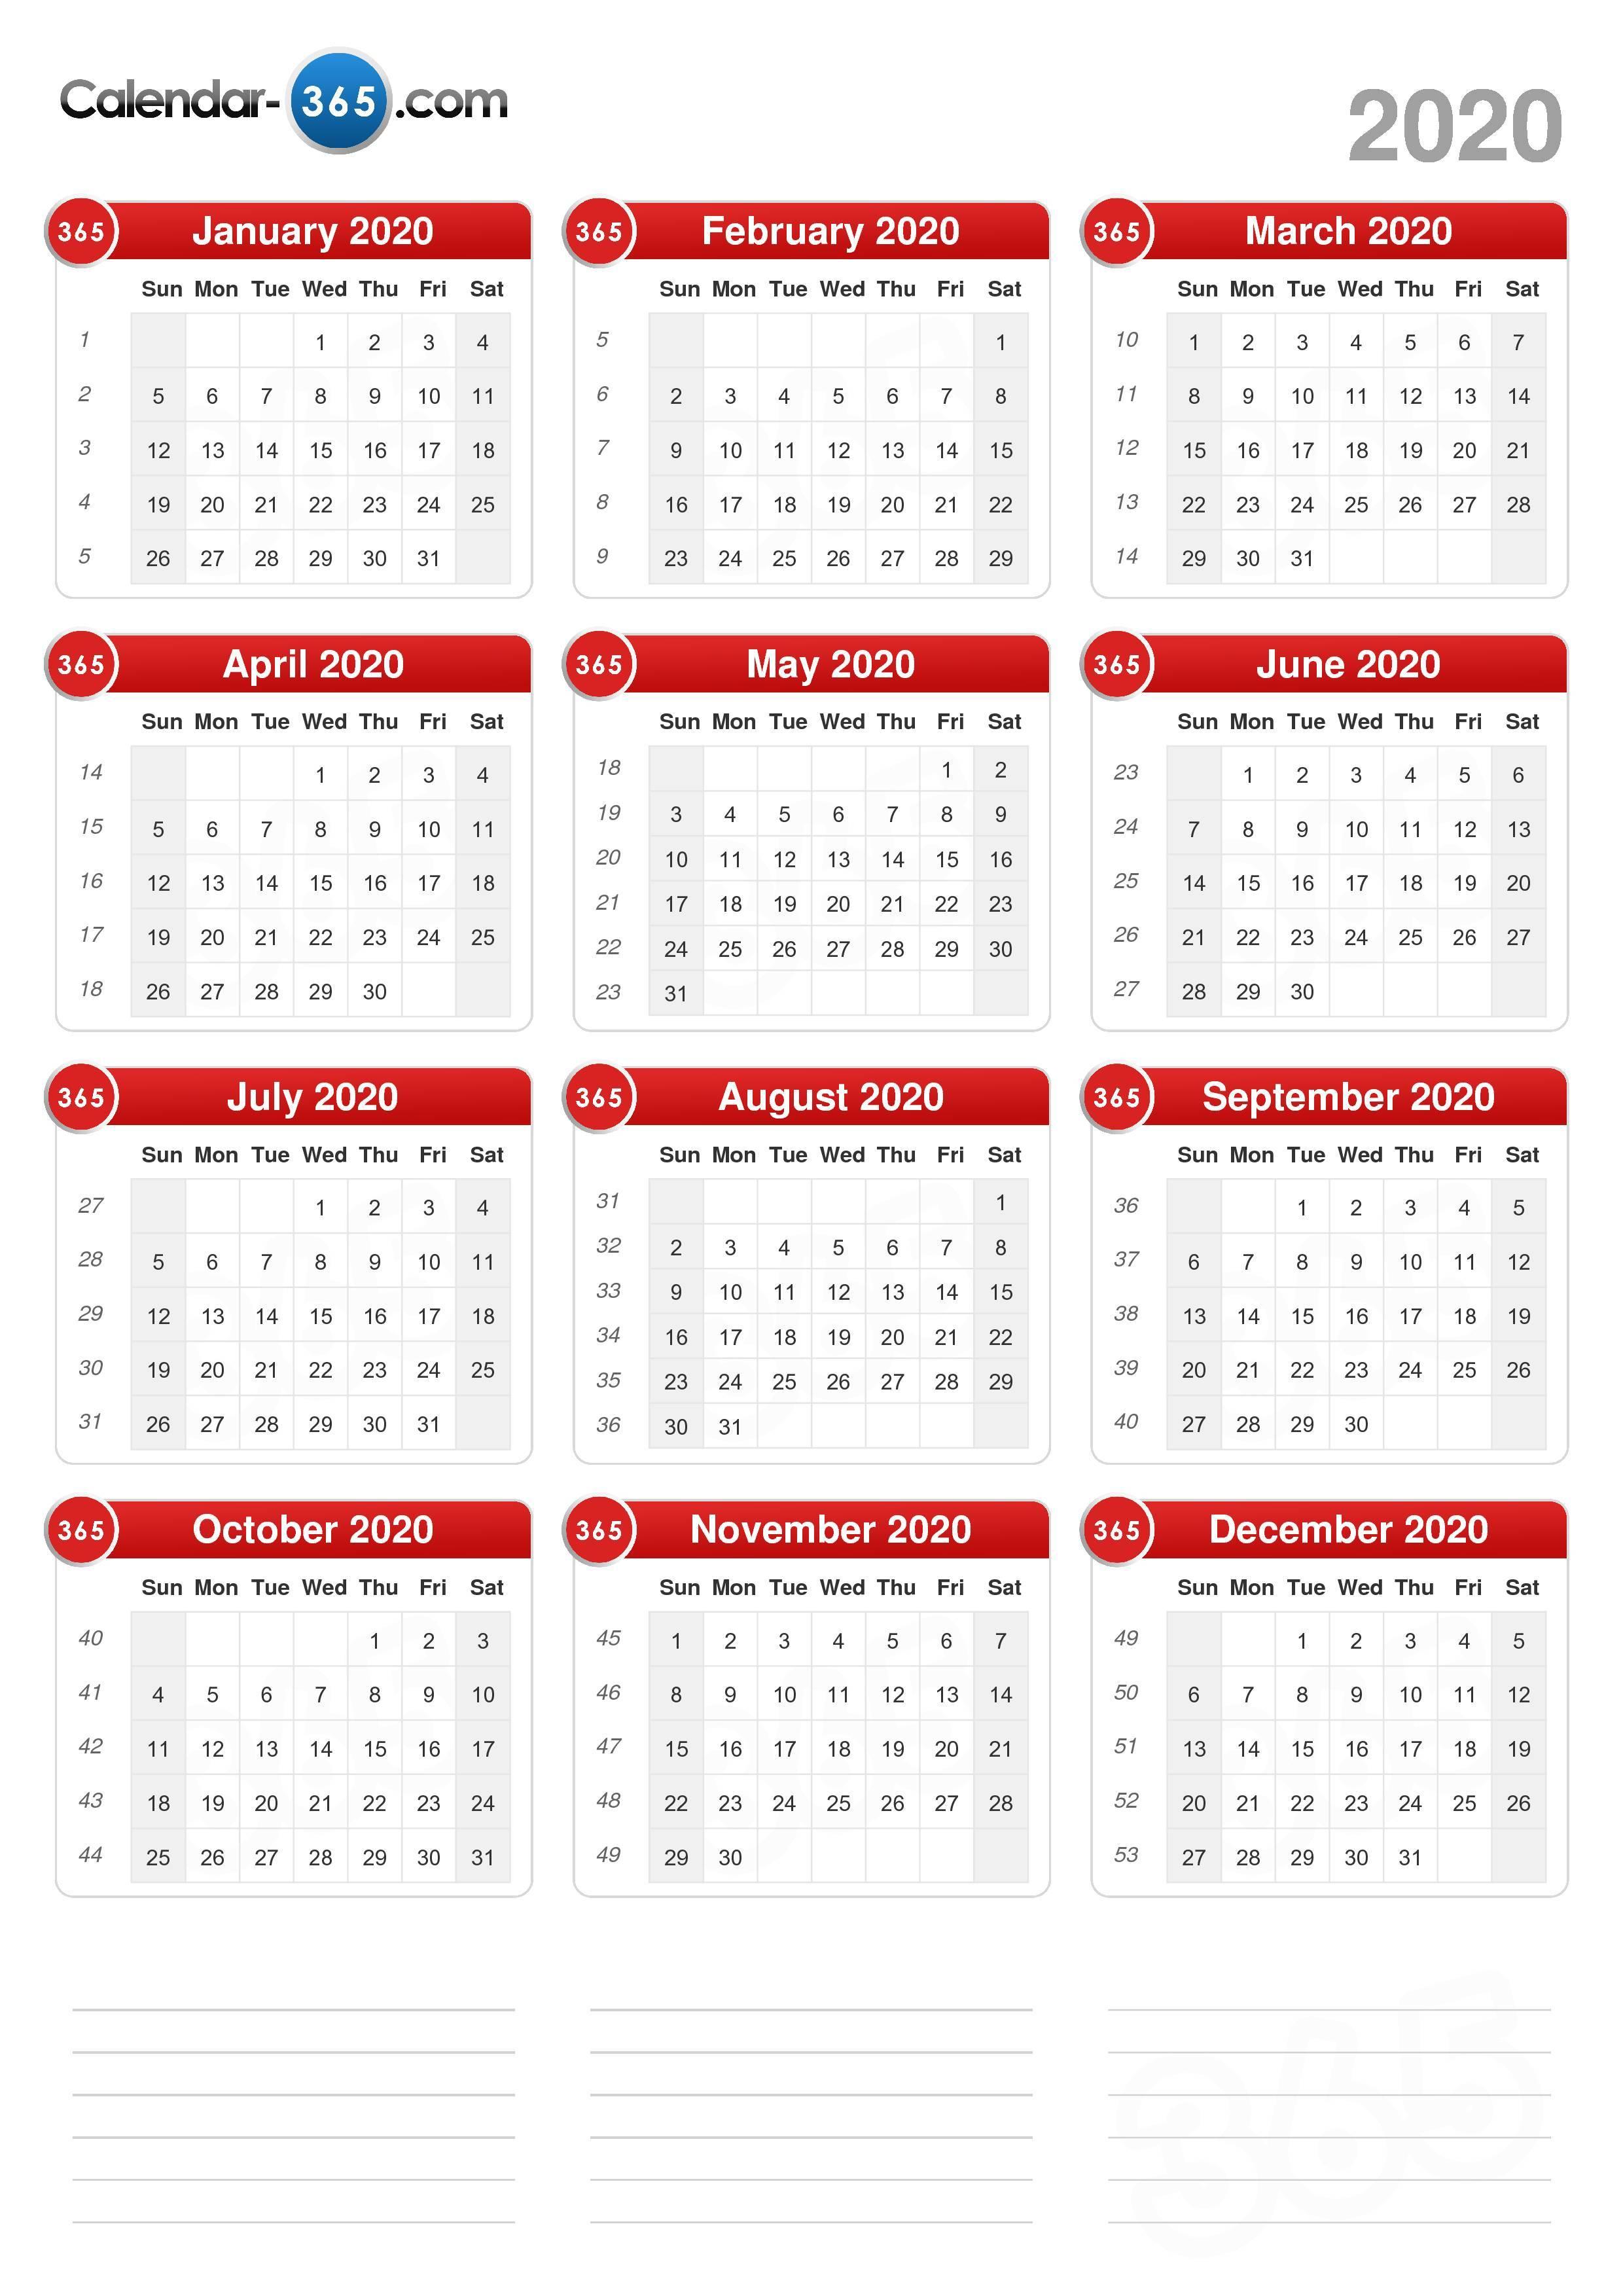 2020 Calendar regarding Sep Calendario 2020